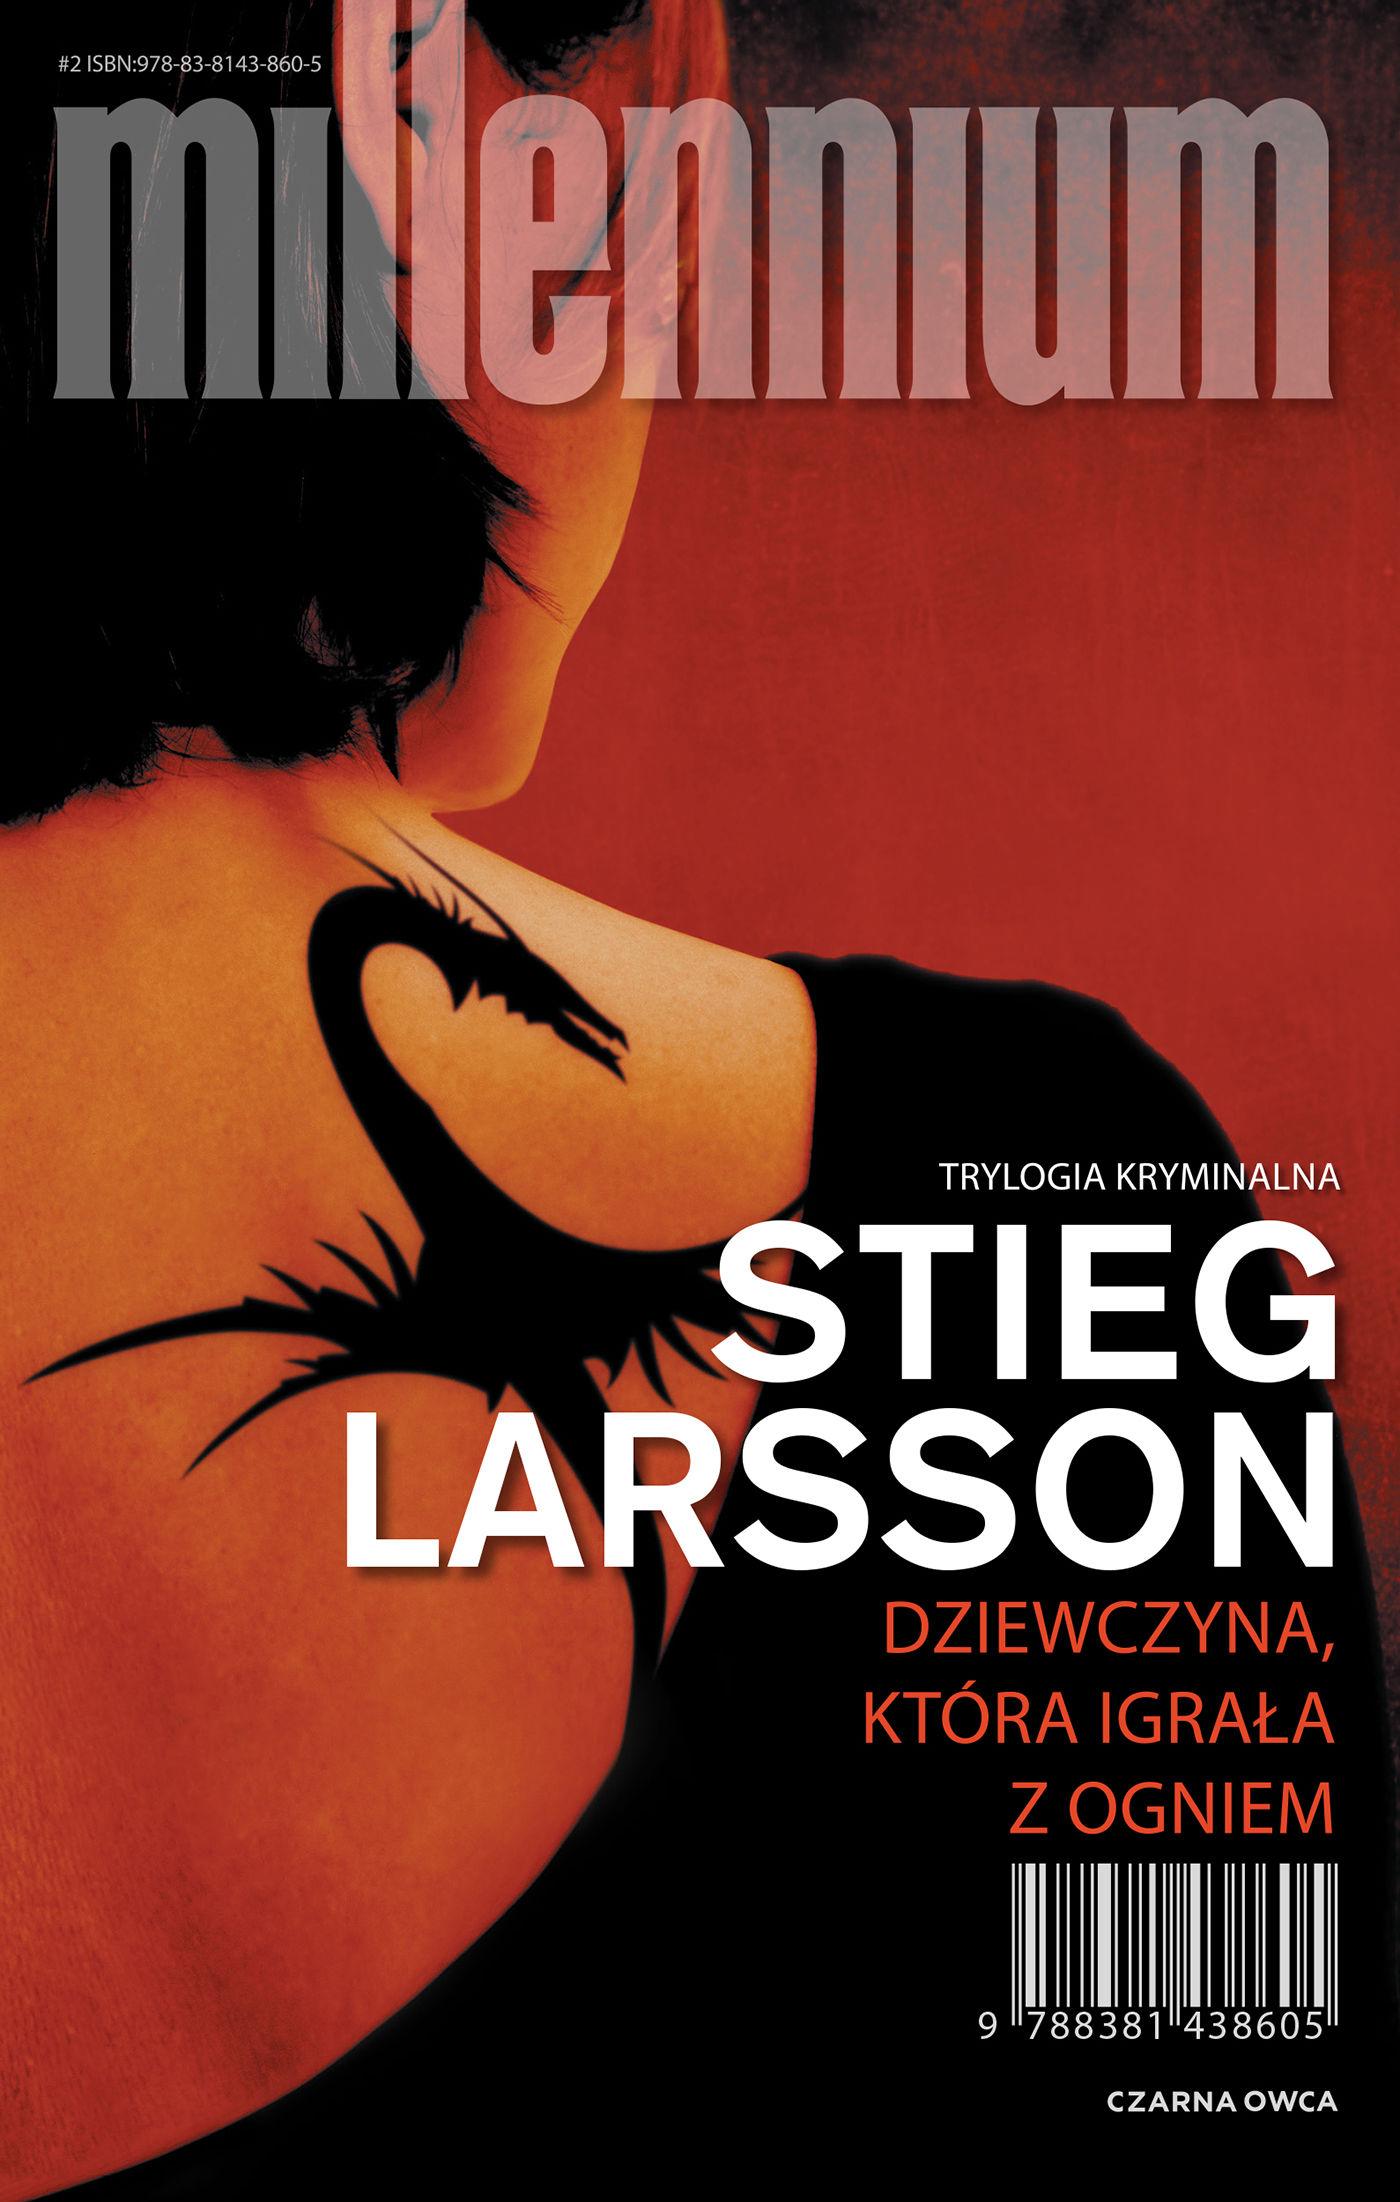 Dziewczyna, która igrała z ogniem - Stieg Larsson - ebook